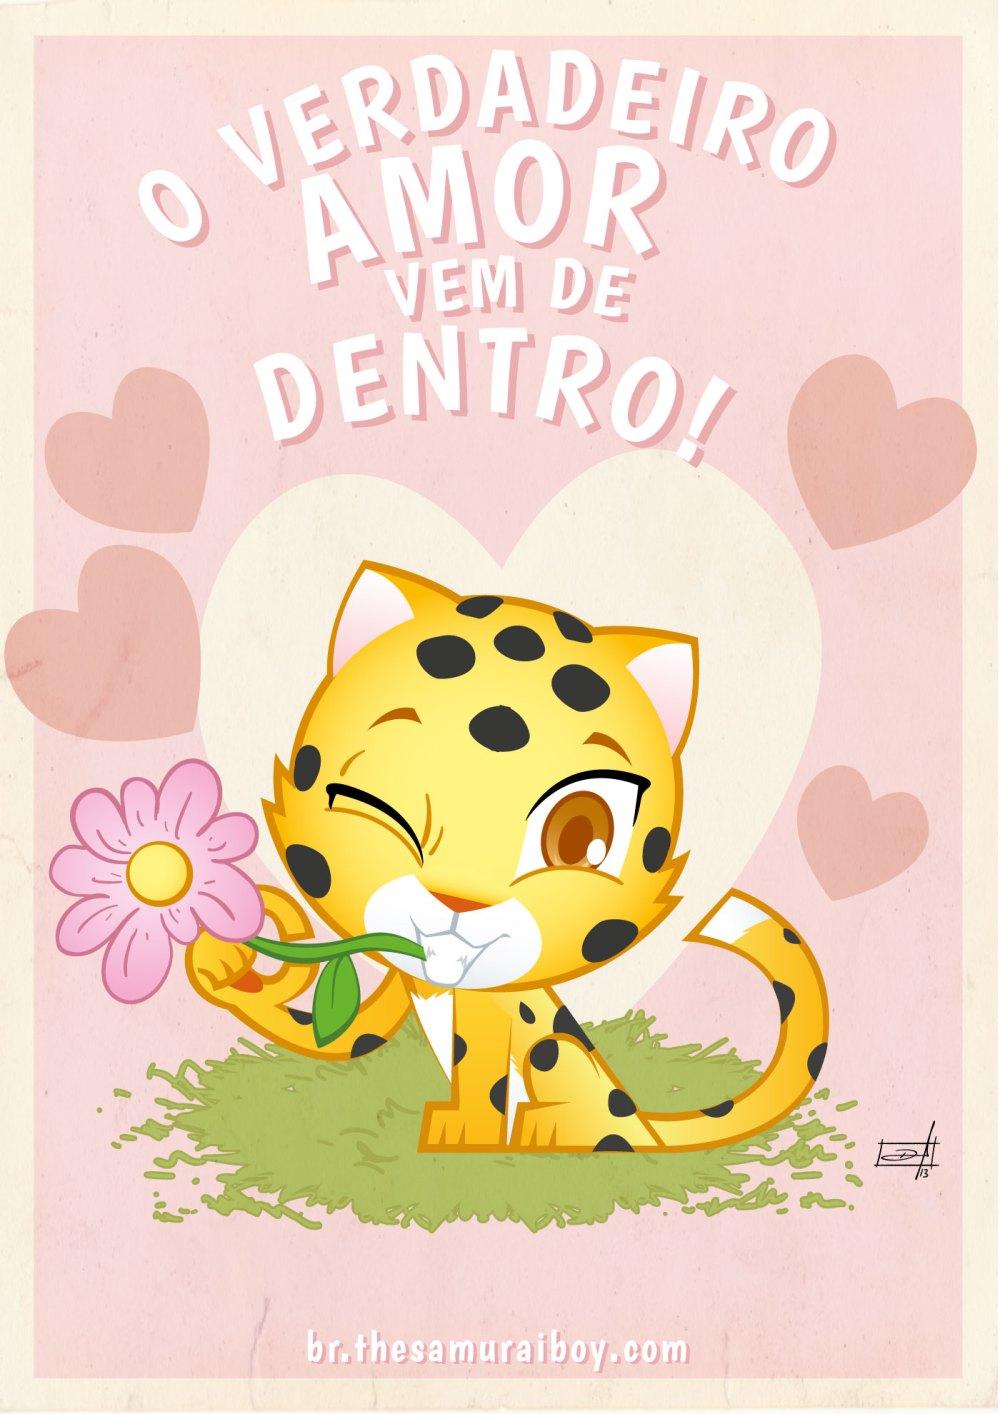 Poster grátis: O verdadeiro amor vem de dentro